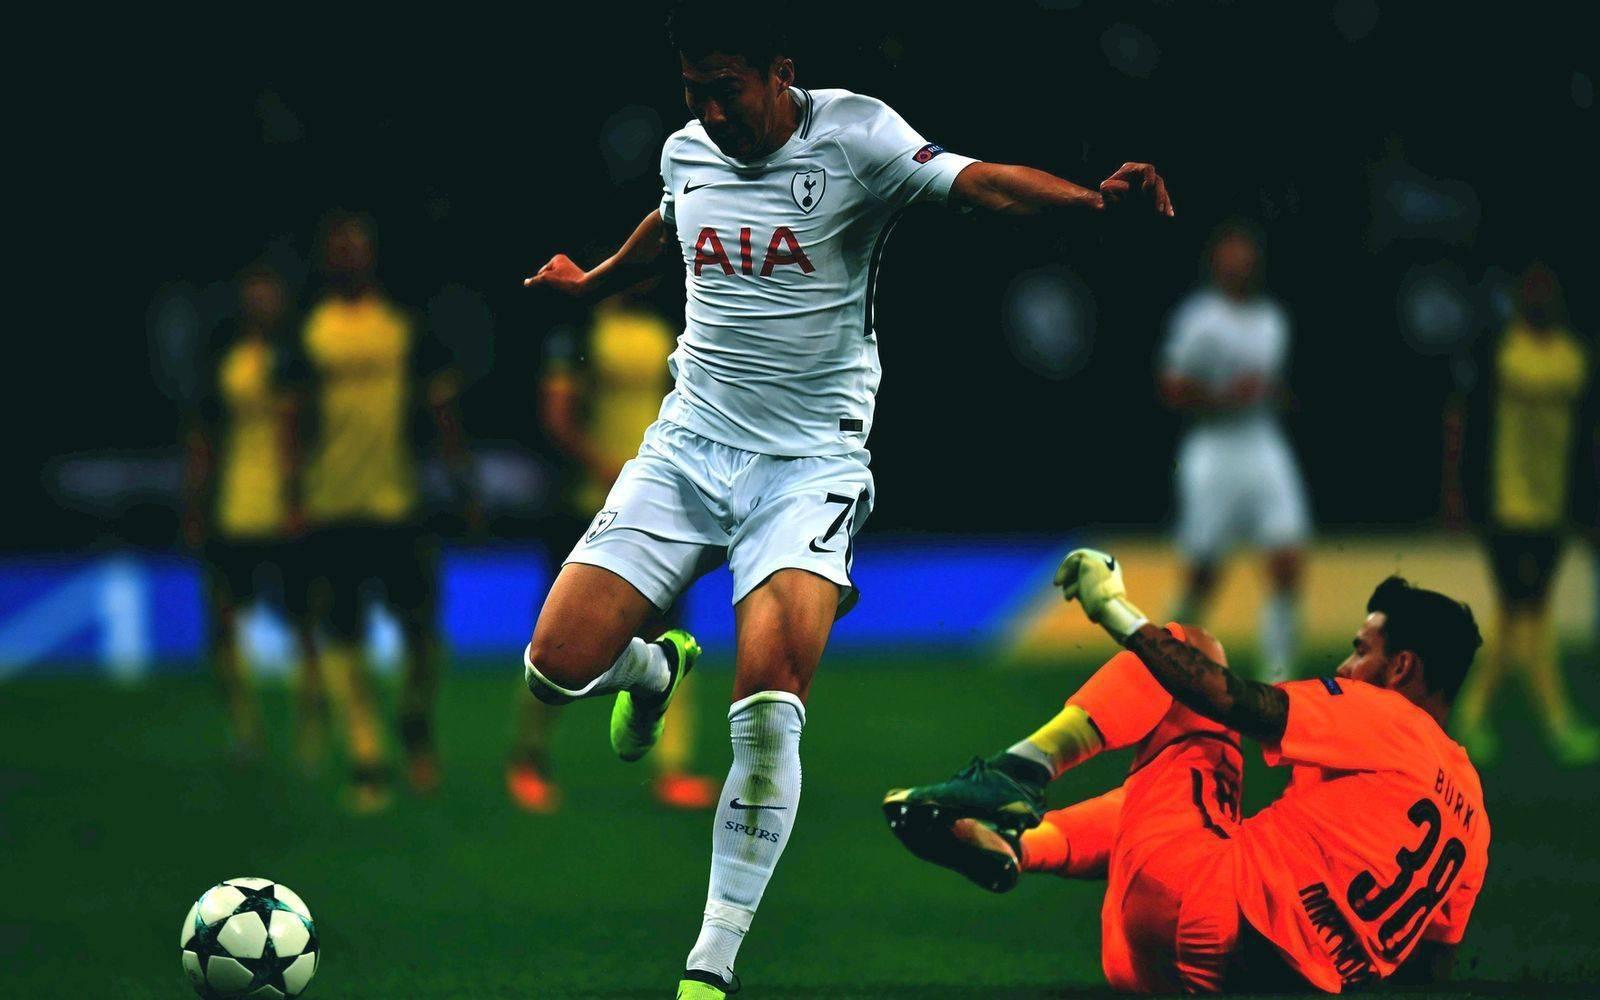 Удары в футболе: виды, способы, классификации